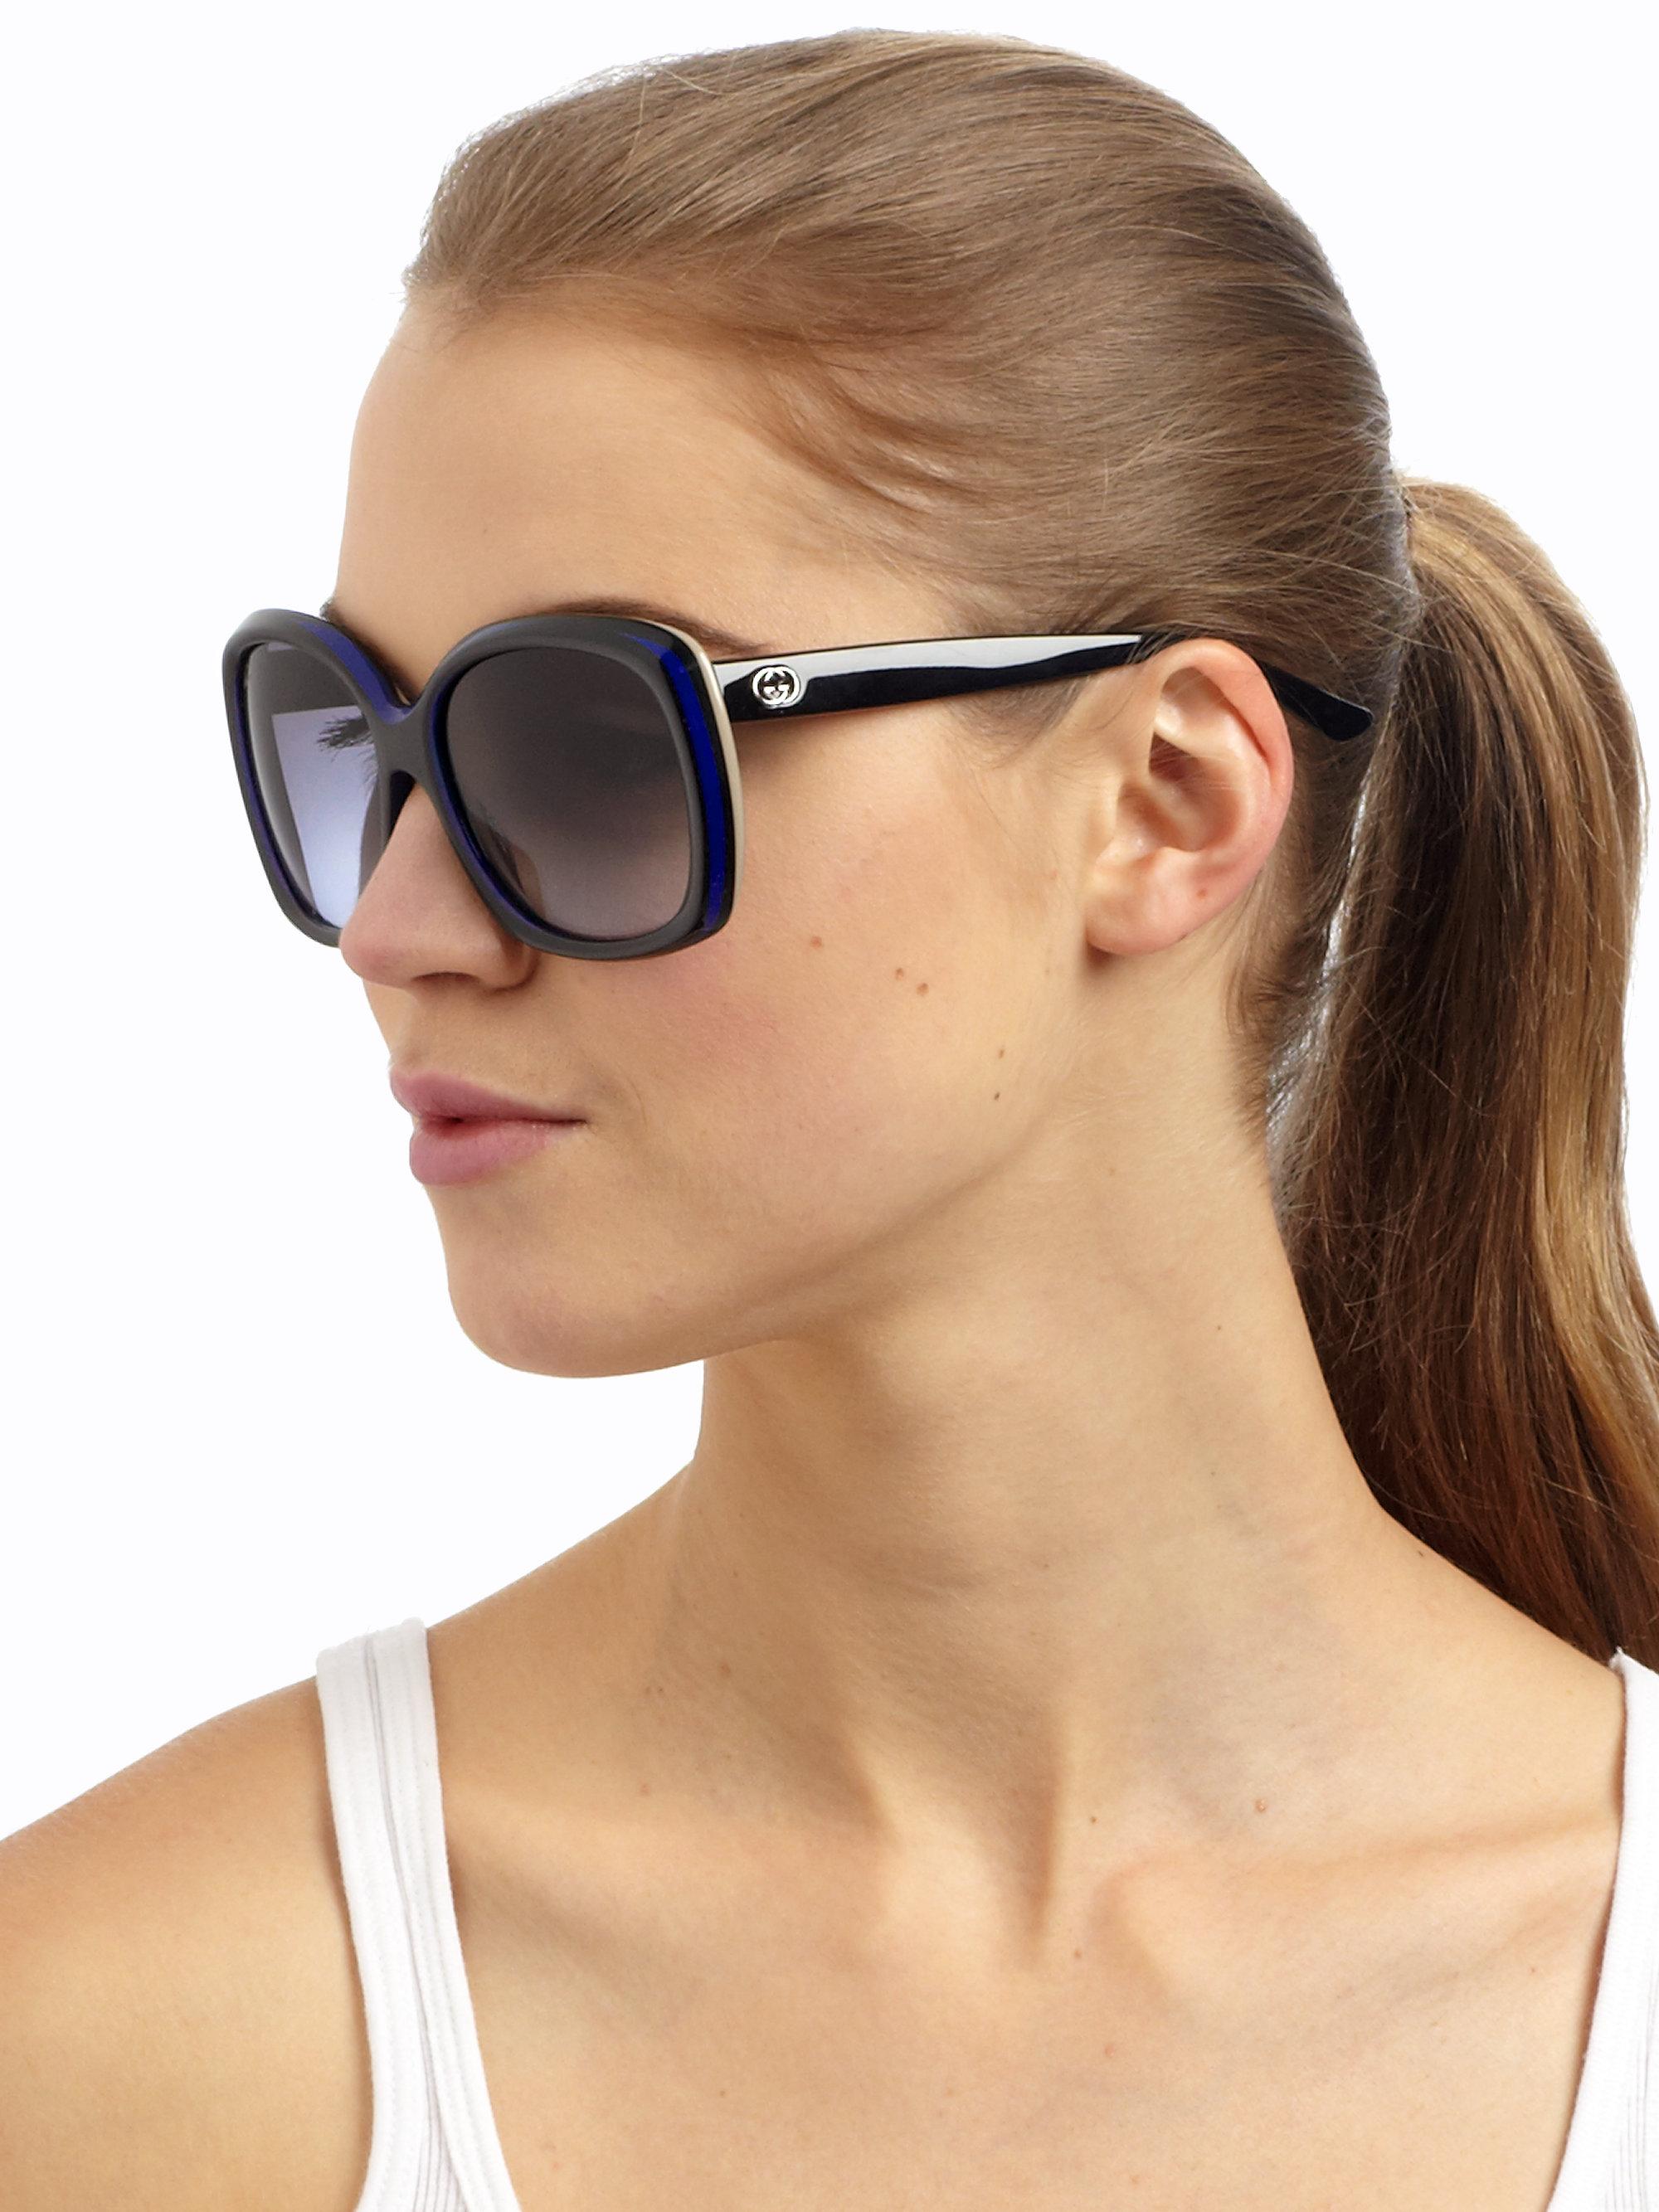 c7b4419c14f Lyst - Gucci Retro Multi-Layer Square Acetate Sunglasses in Black